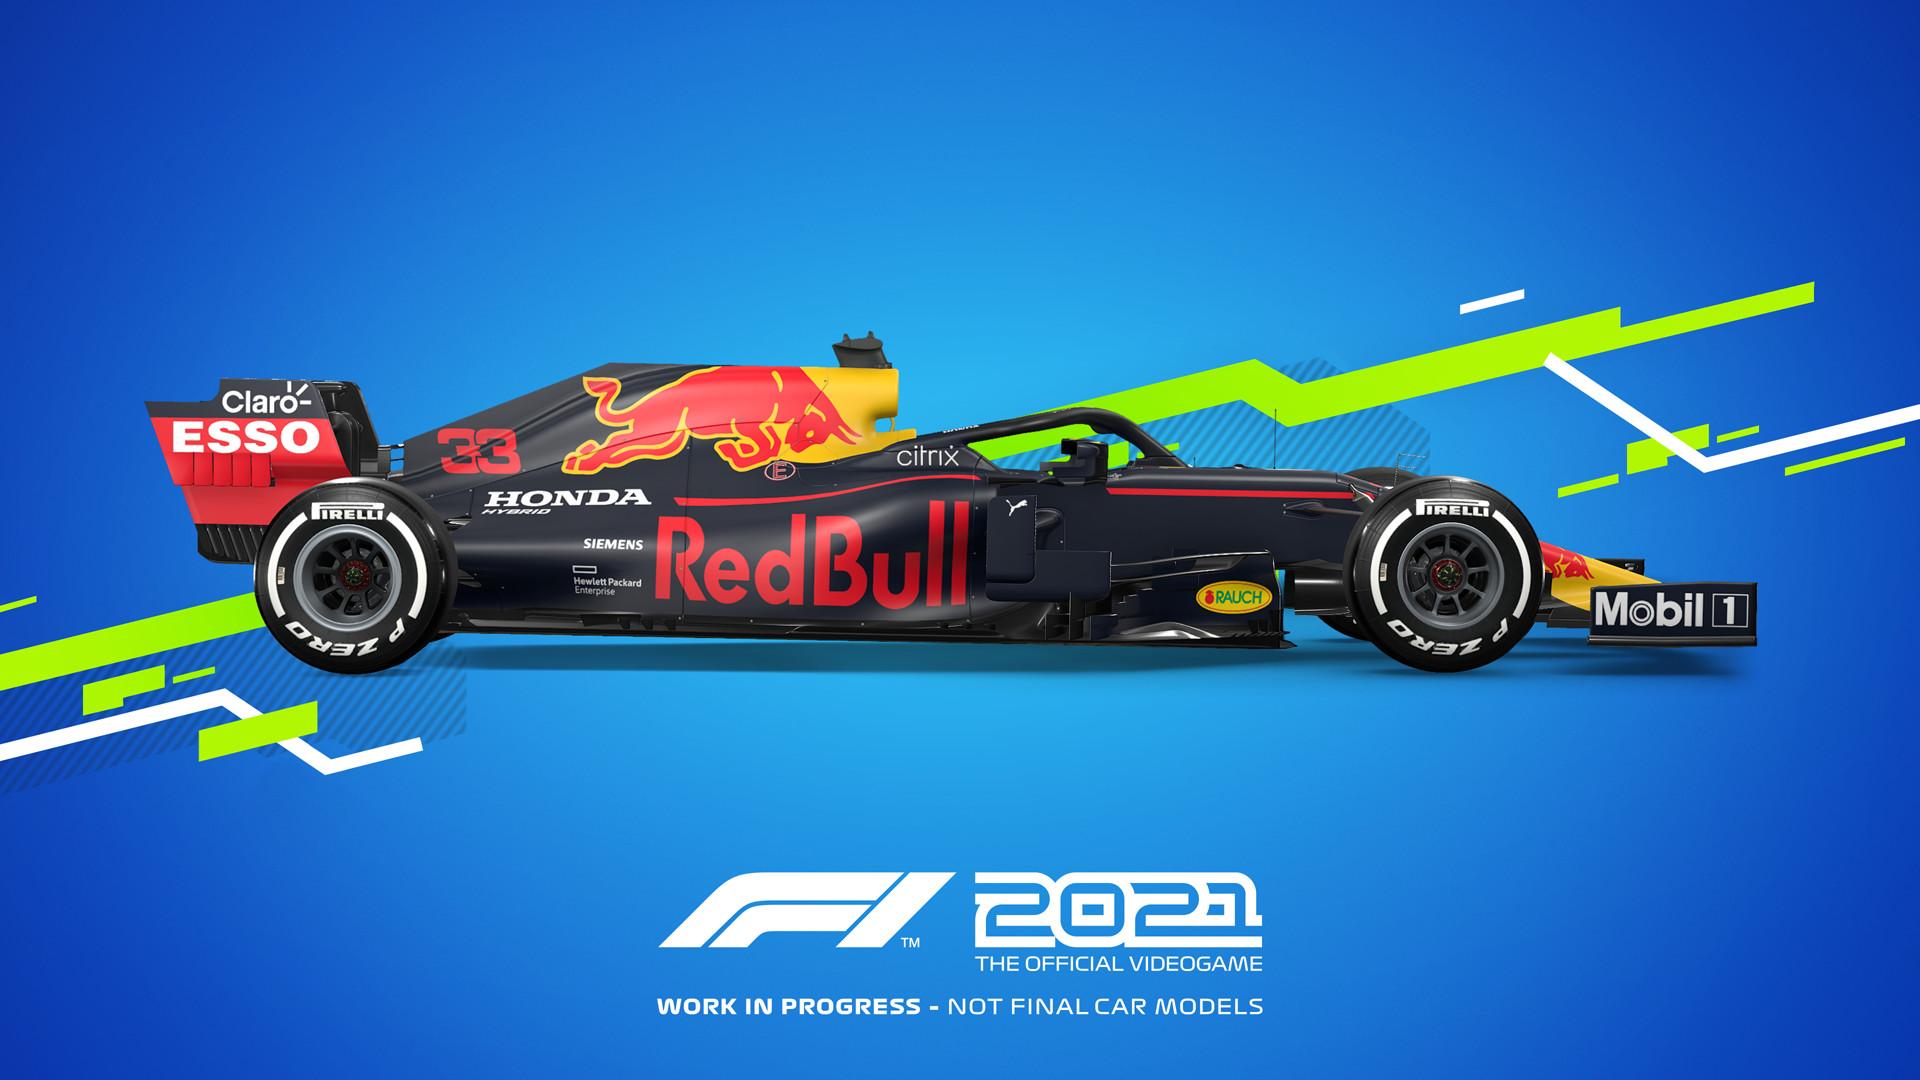 《F1 2021》配置公布 推荐1660 Ti